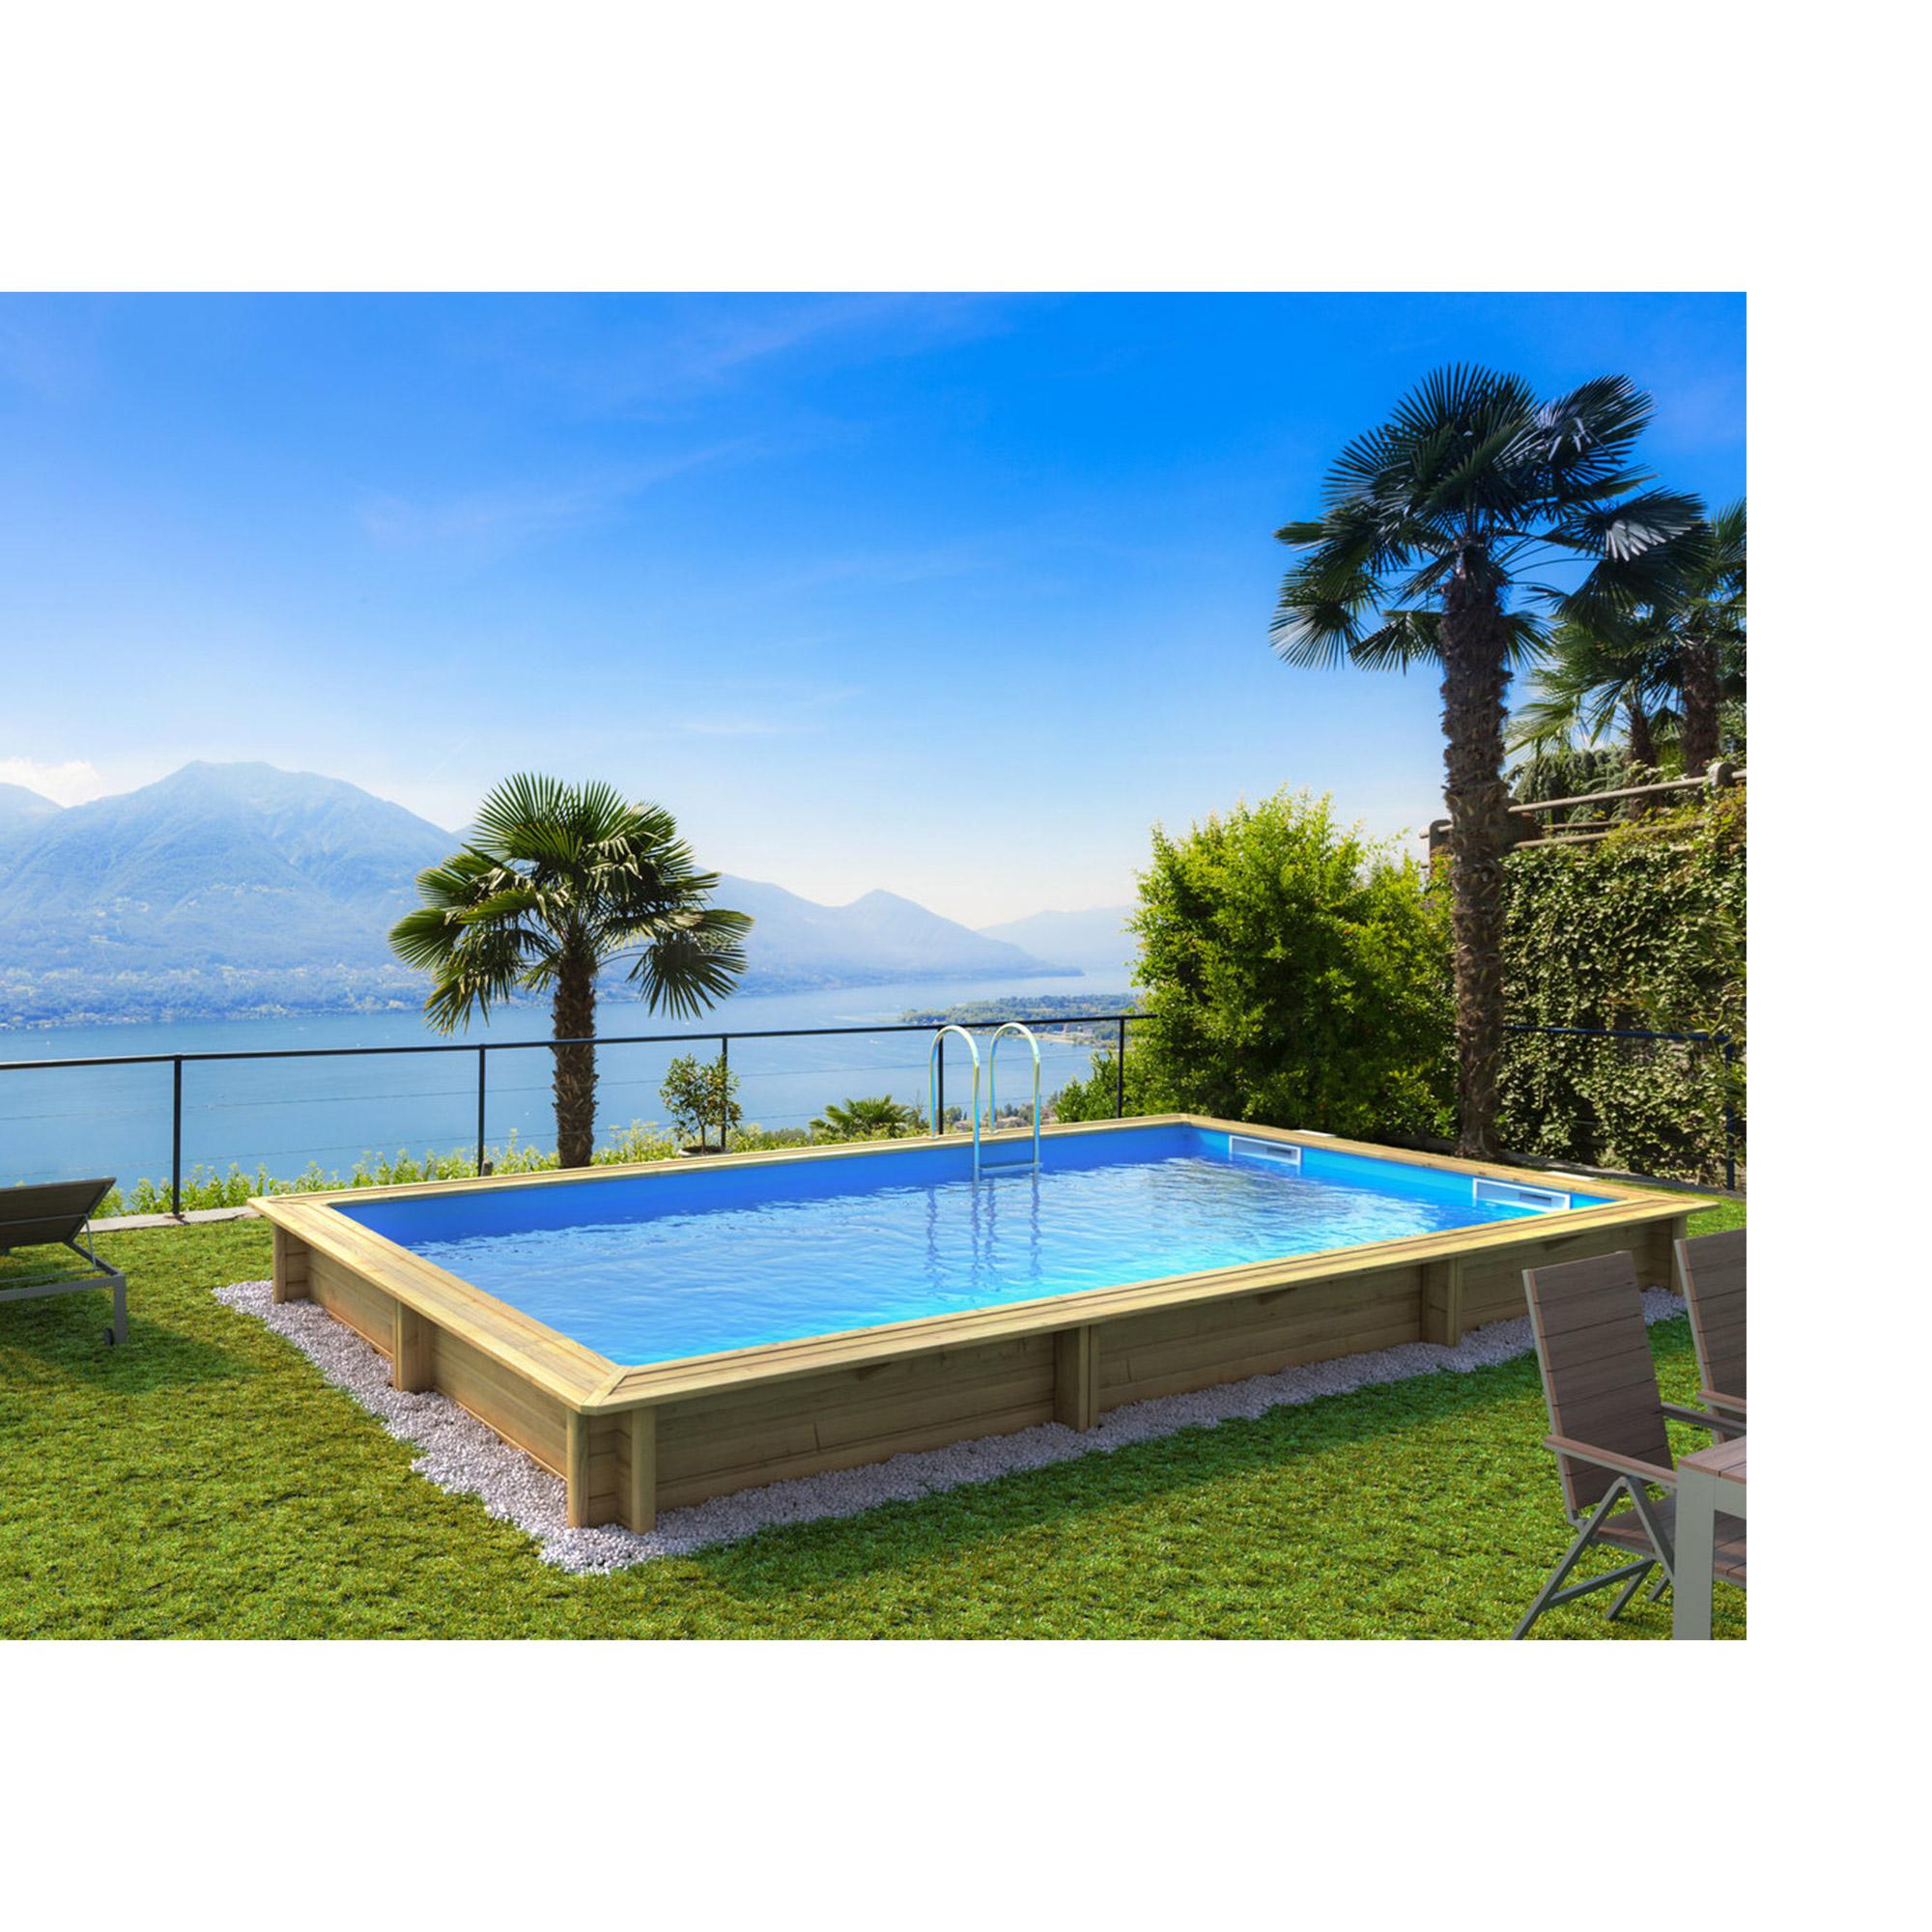 piscine bois rectangulaire hors sol semi enterr e enterr e weva rectangle 6x3 piscines d. Black Bedroom Furniture Sets. Home Design Ideas